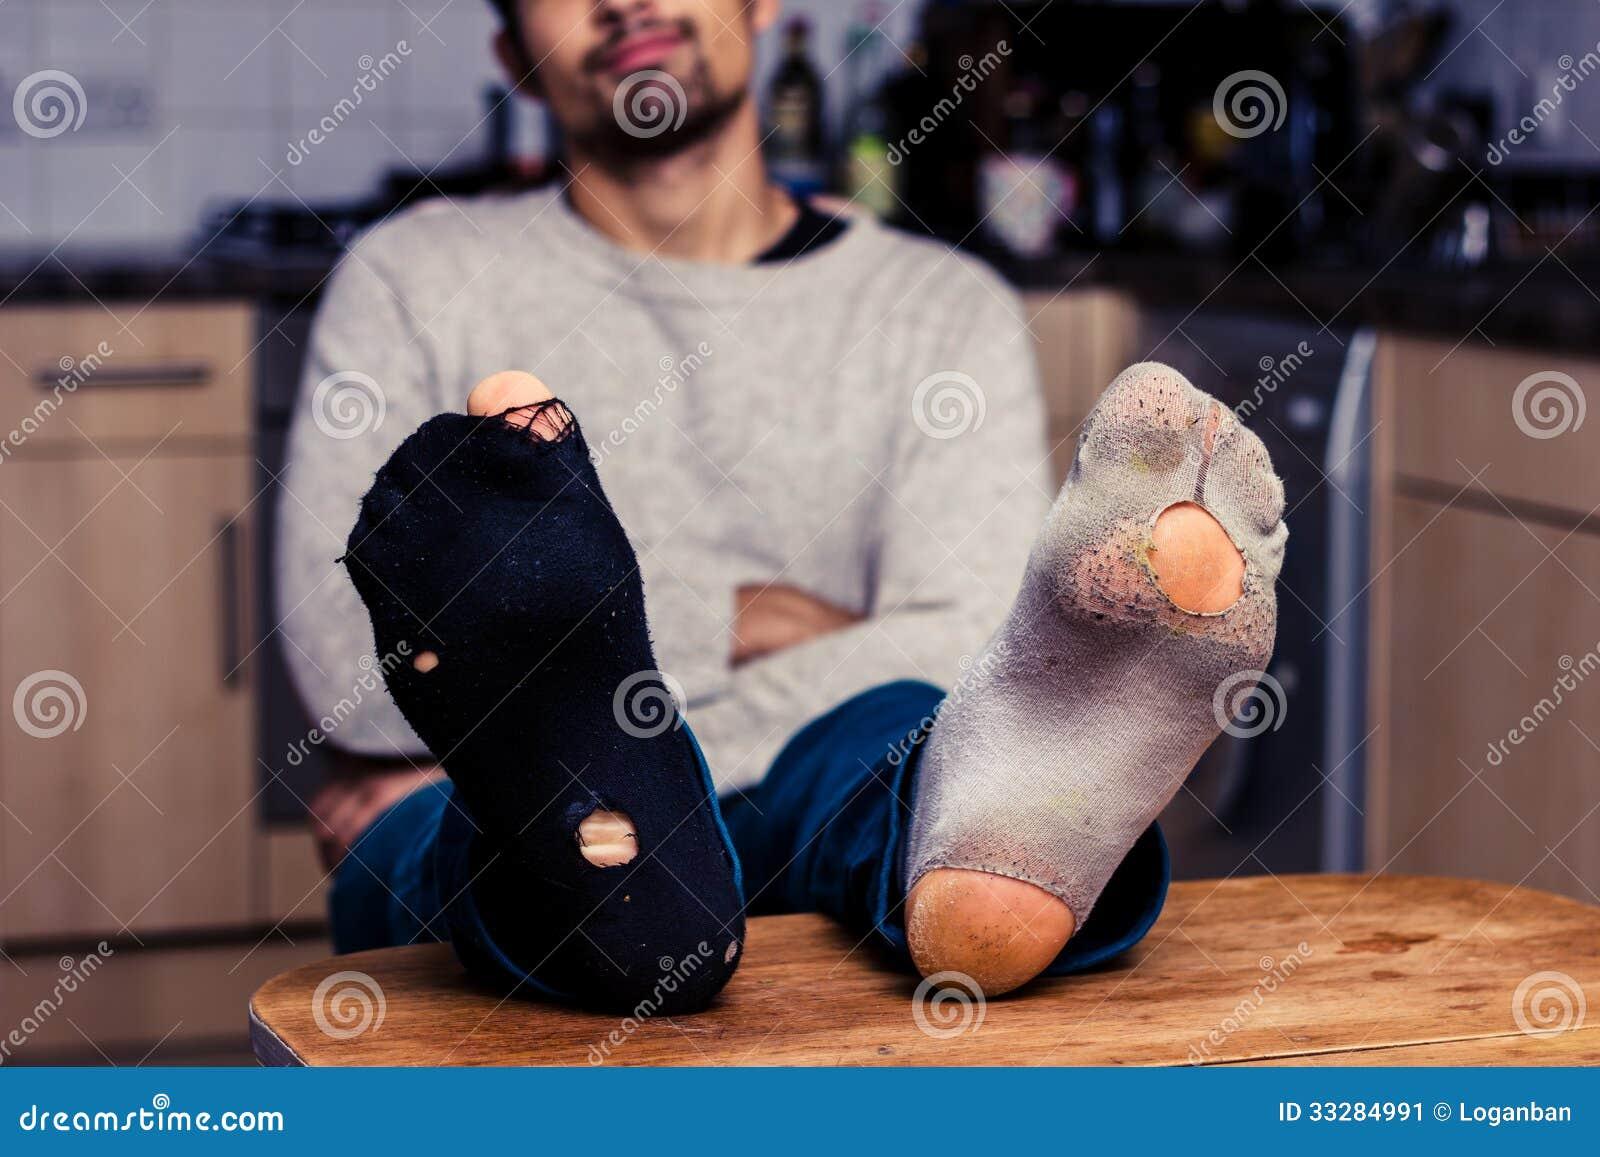 Giant foot worship boy gay gorgeous 9